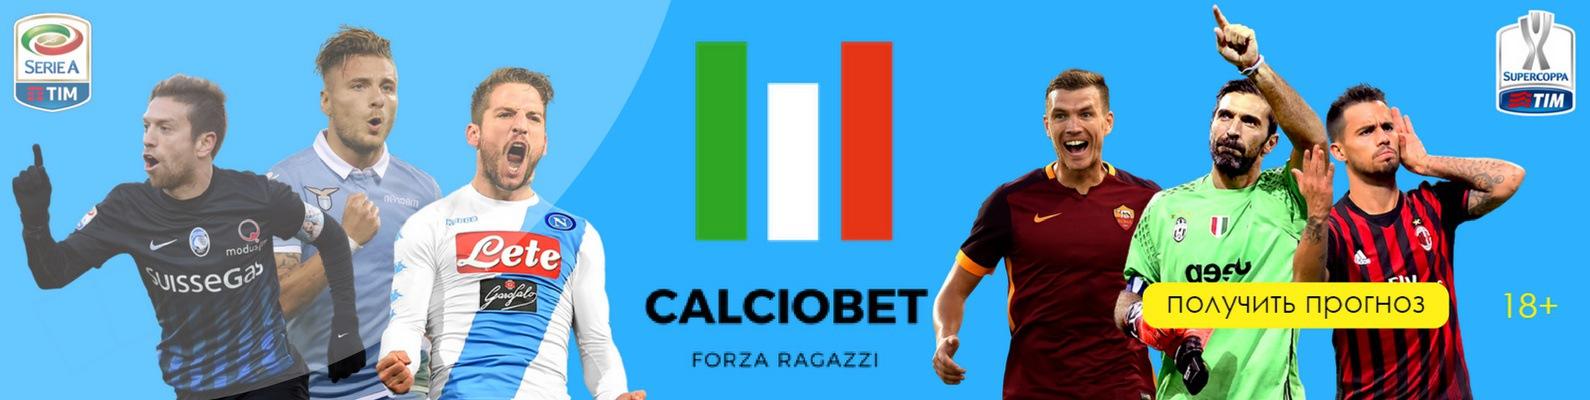 Прогноз на футбол серия а италия